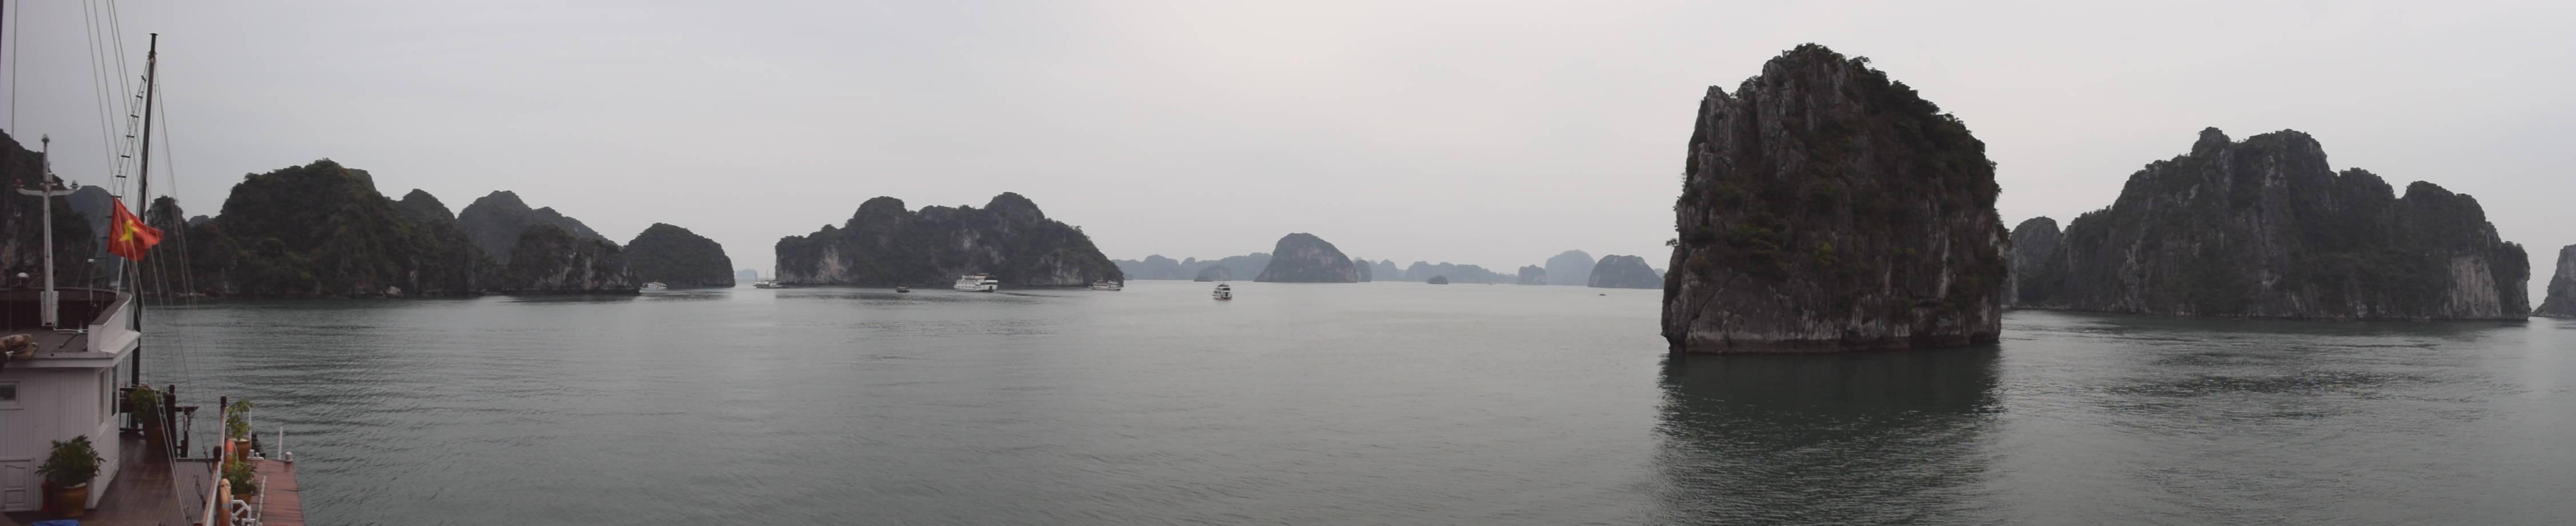 Baie d'Halong 5